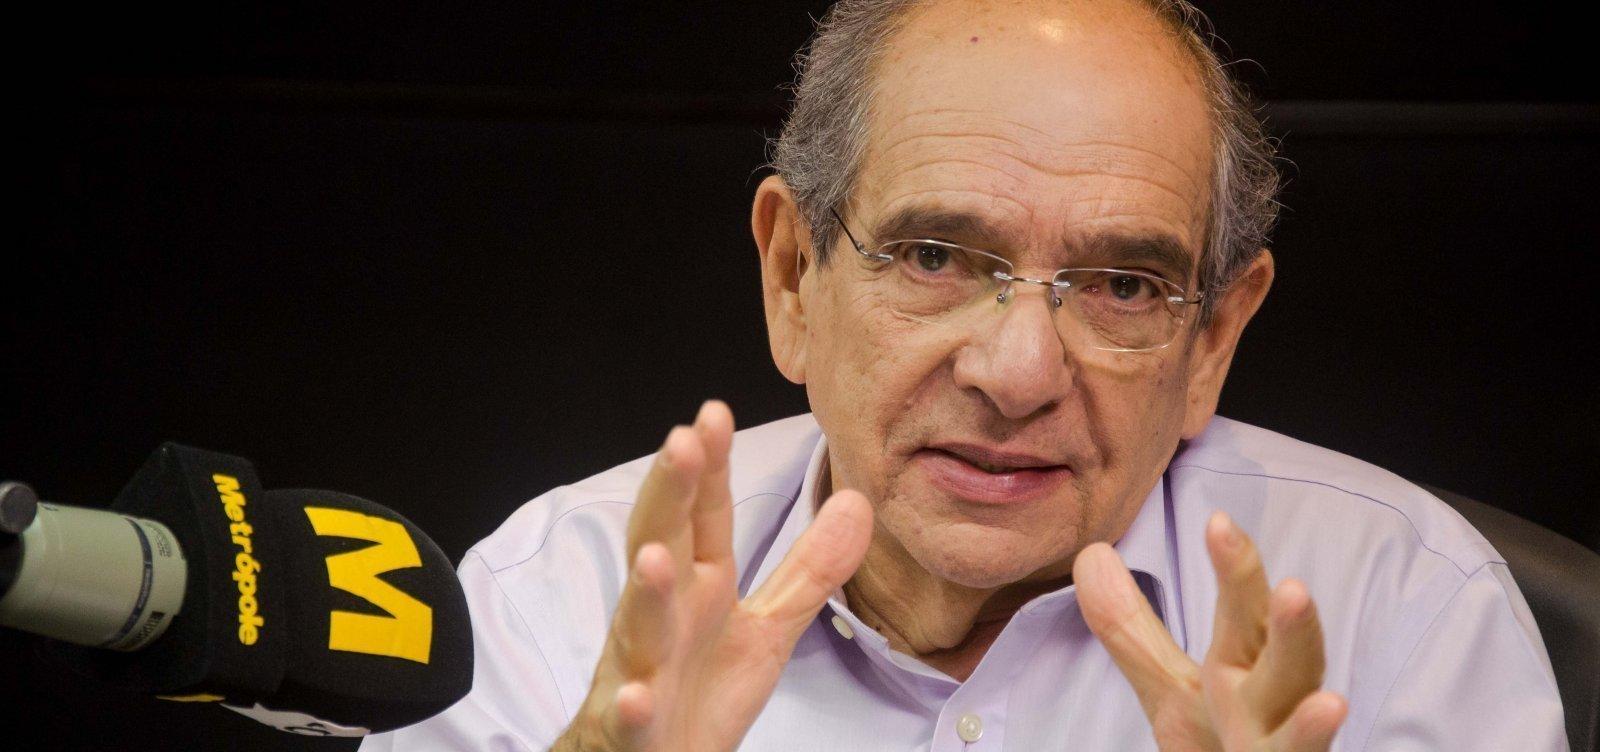 [MK avalia manifestações pró-Bolsonaro como 'grandes e significativas'; ouça]